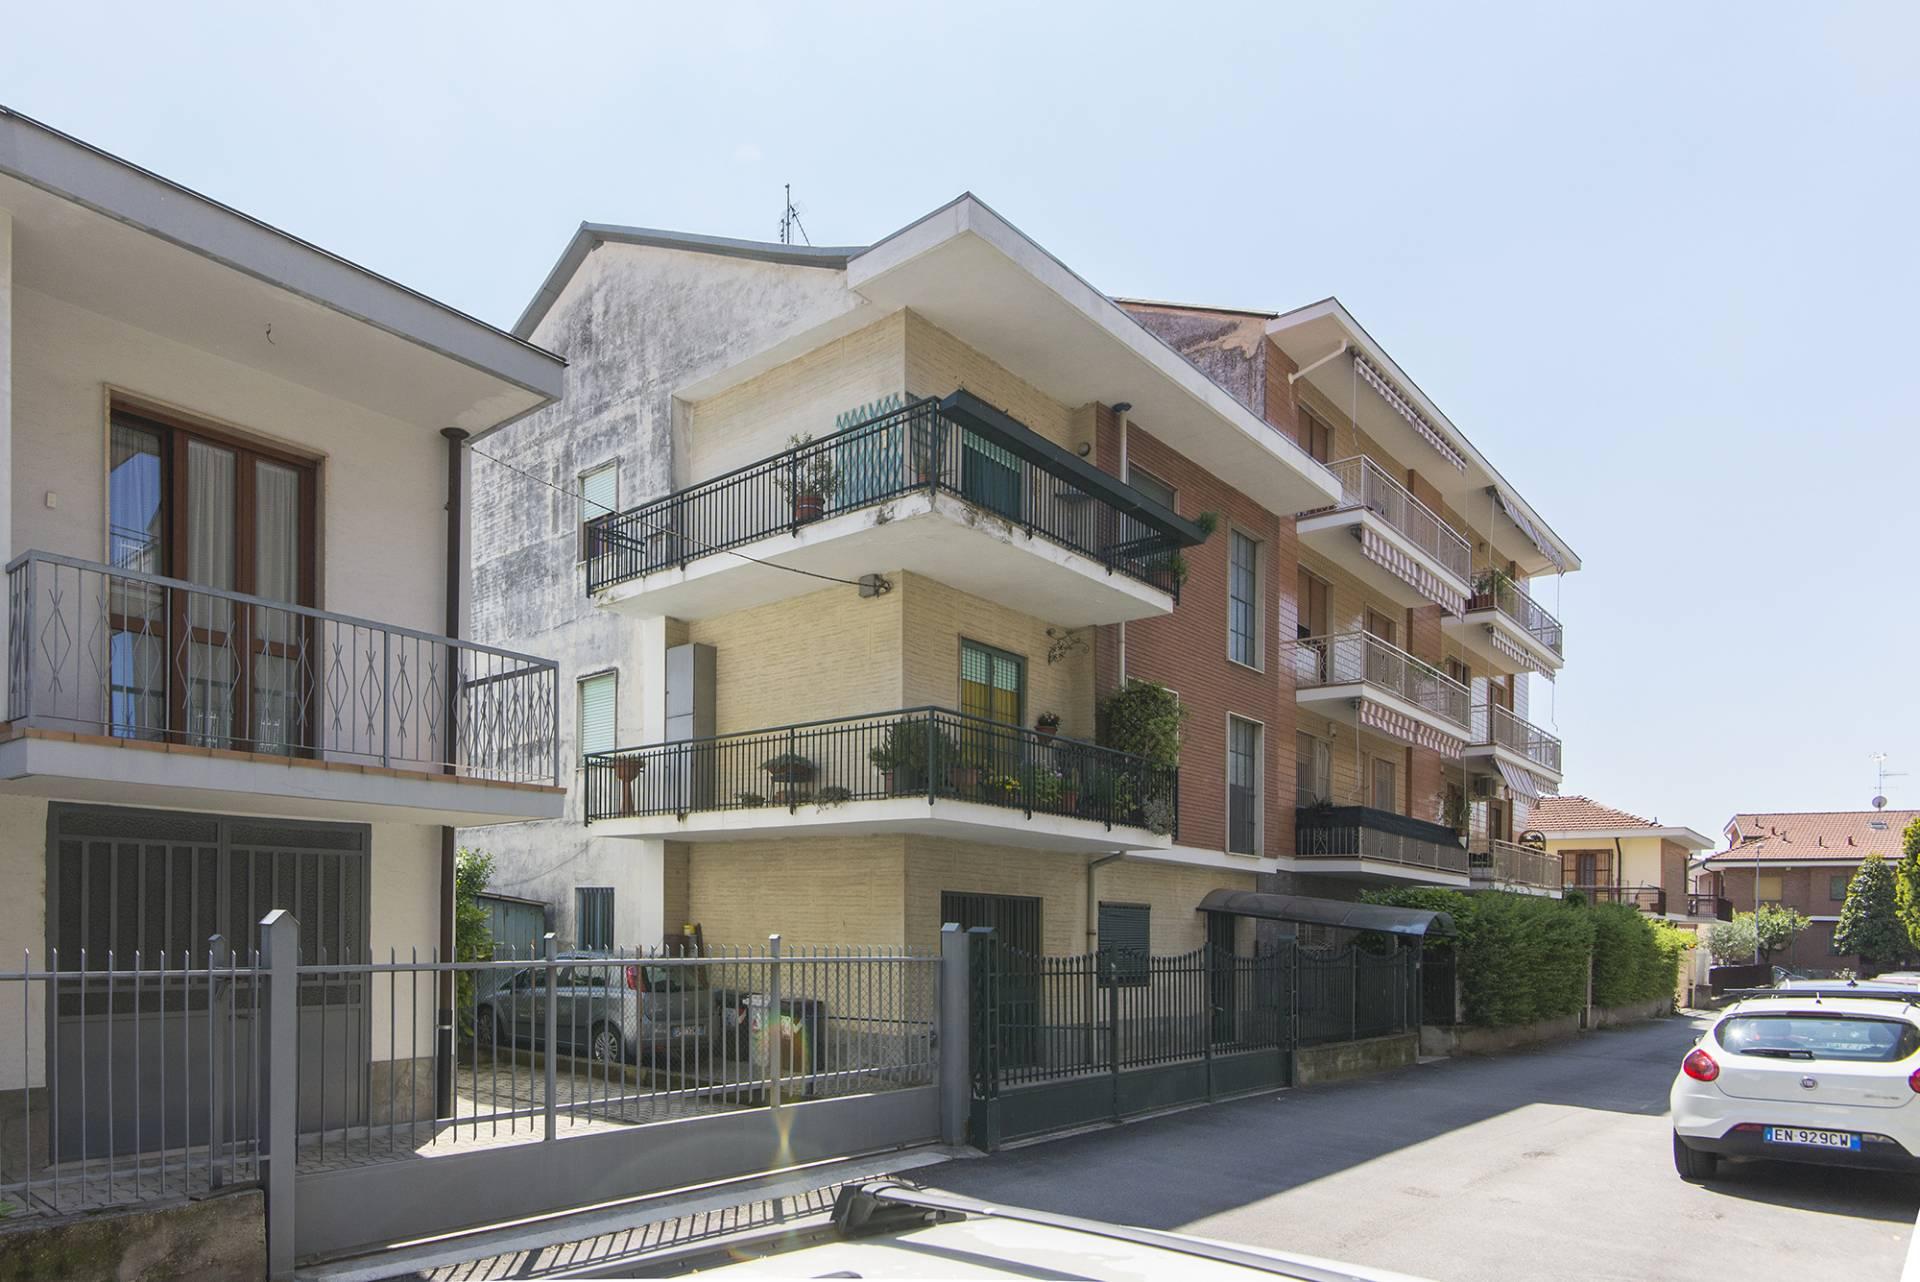 Cbi098 1046 46 villa o villino in vendita a moncalieri for Affitto moncalieri privato arredato